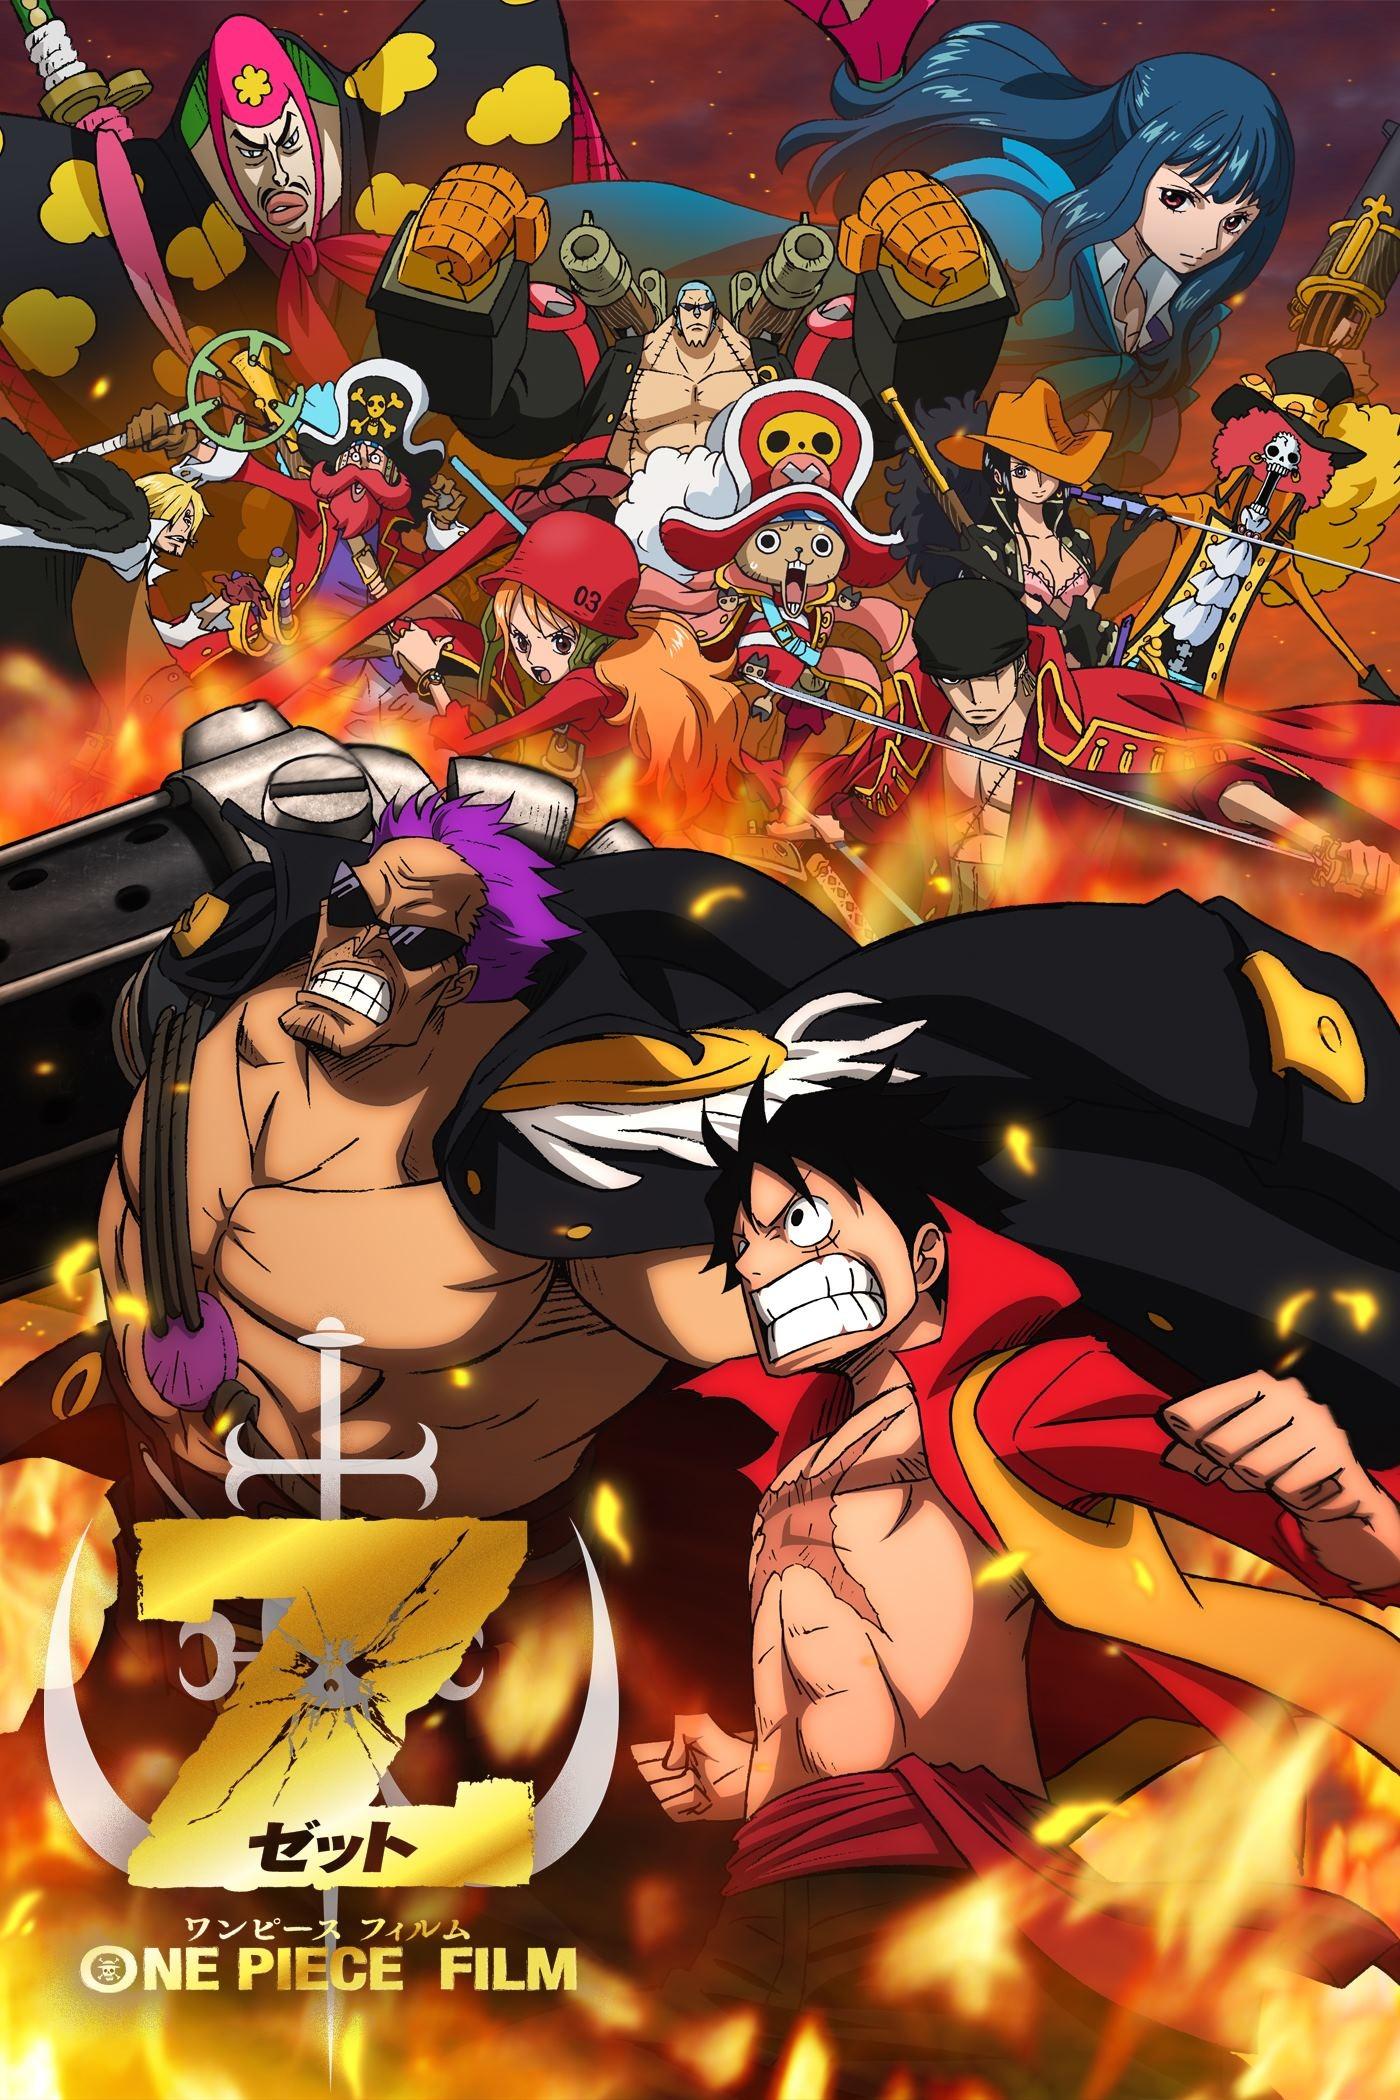 Dtv 劇場版 ワンピース シリーズ全11作を配信 One Piece Film